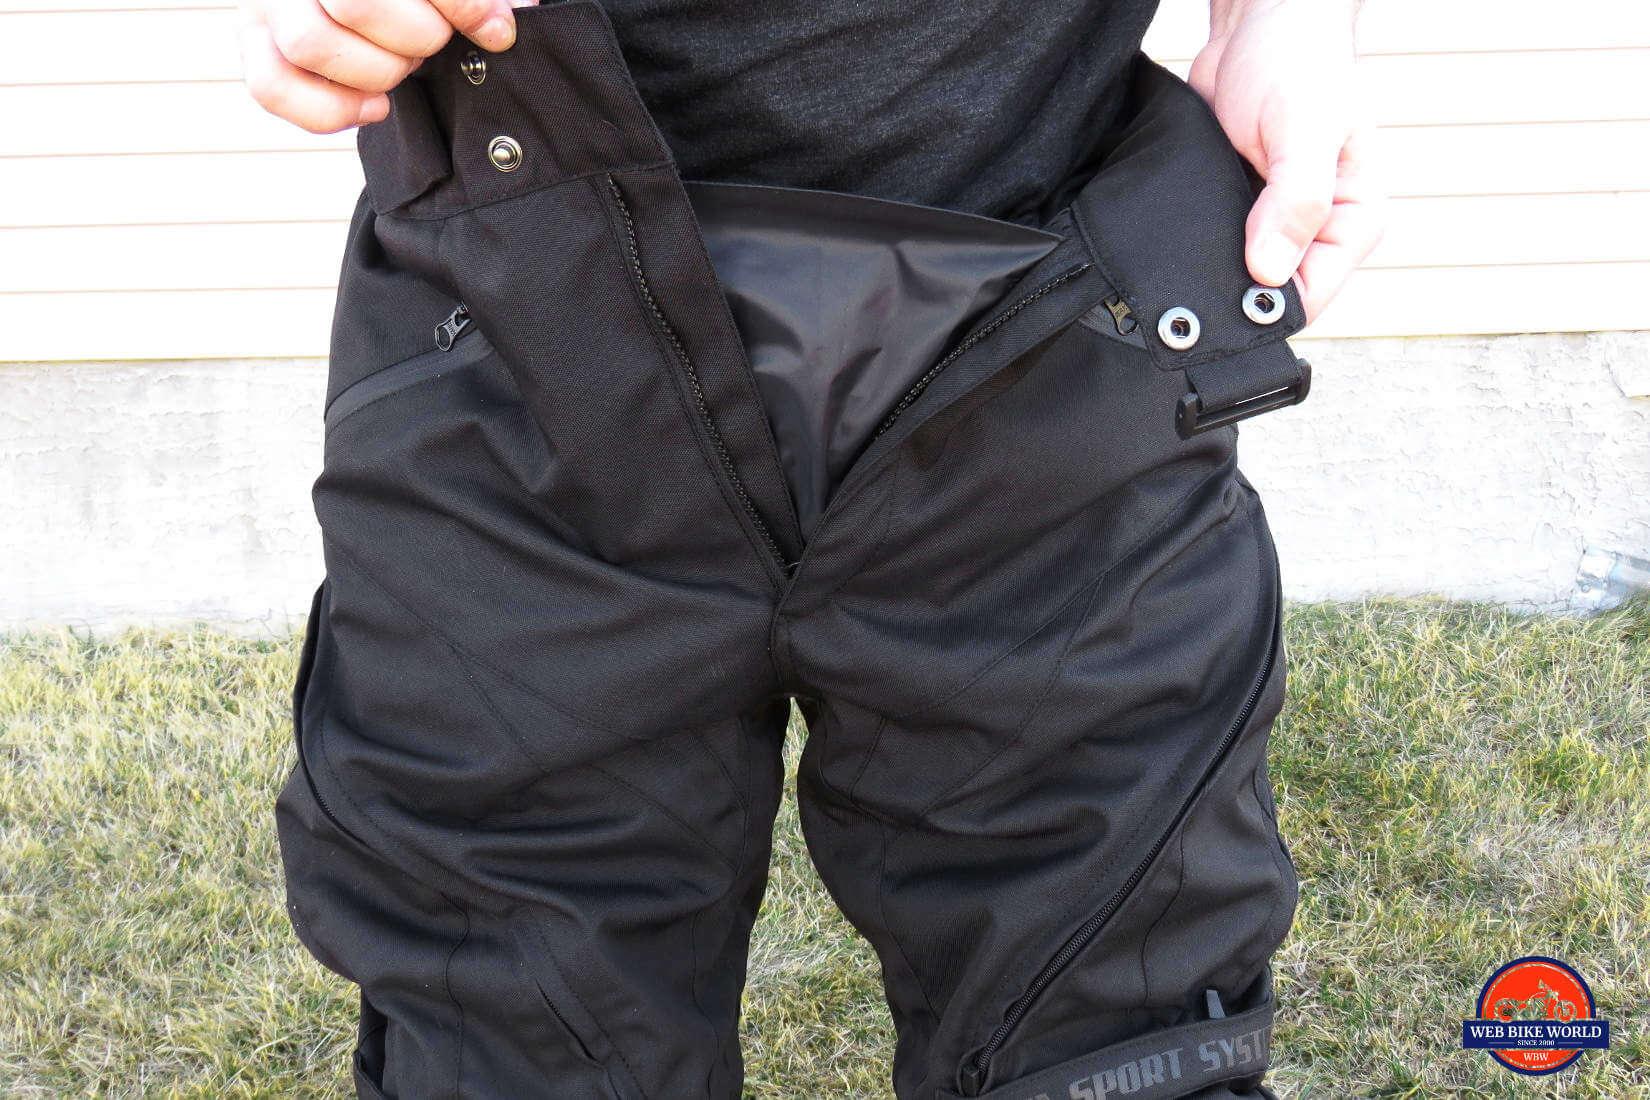 10e853769325 Joe Rocket Canada Alter Ego 13 Pants Closeup Front Pockets